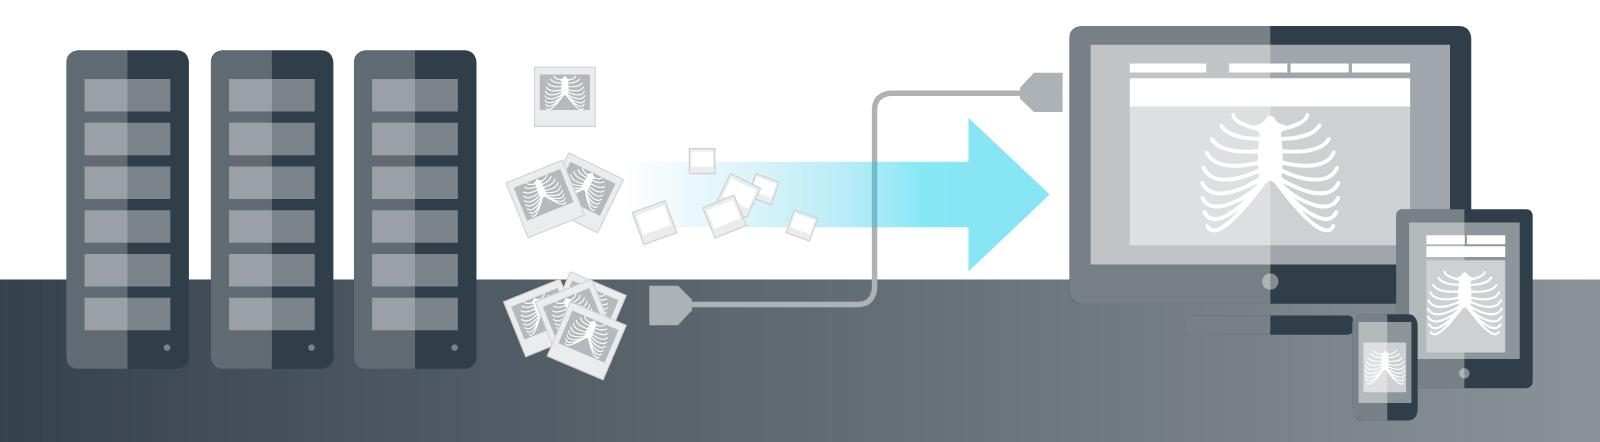 [imagem] Servidores conectados a computadores e dispositivos móveis, enviando dados por conexão